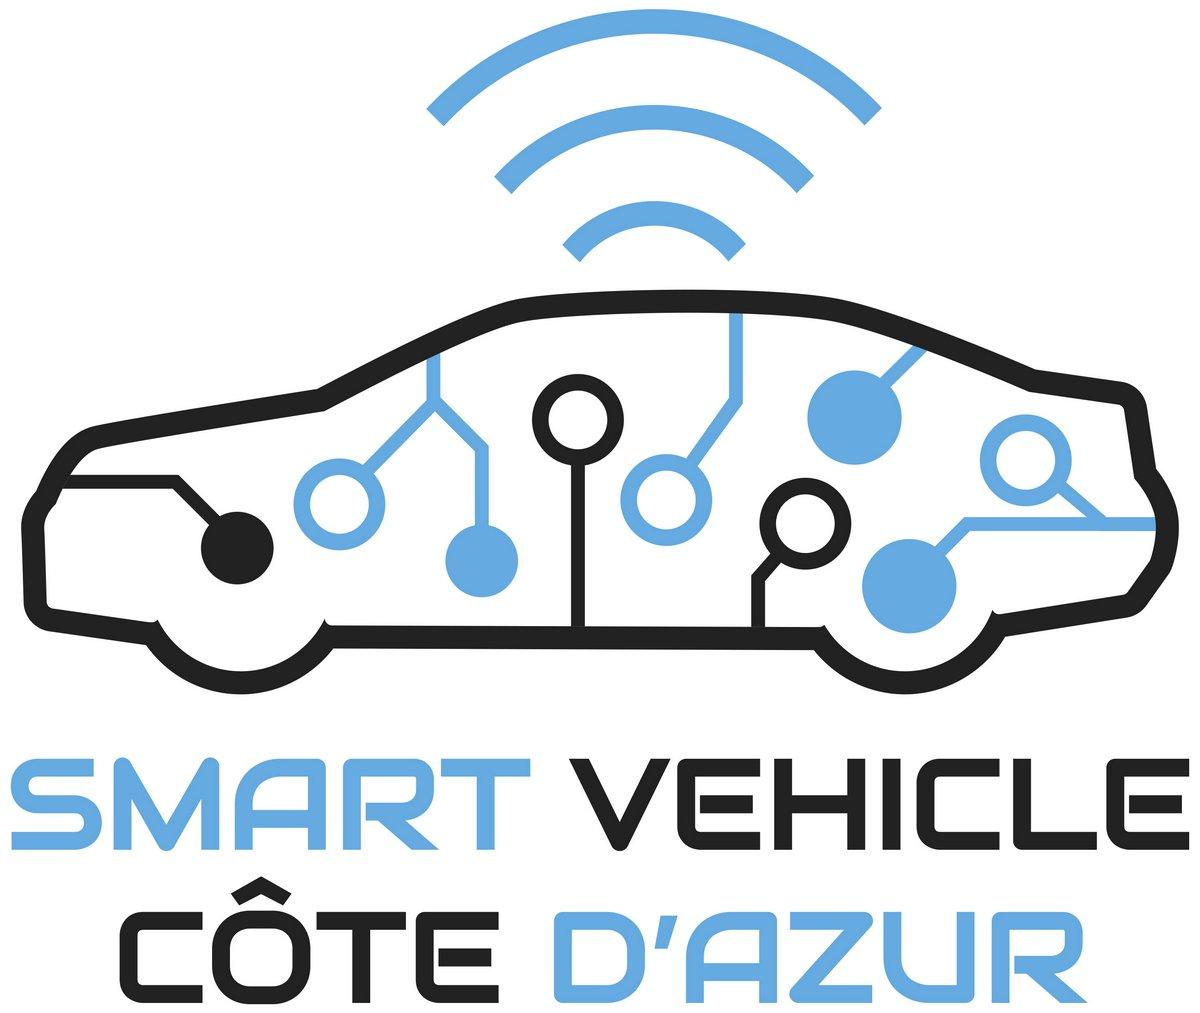 Smart Vehicle Côte d'Azur